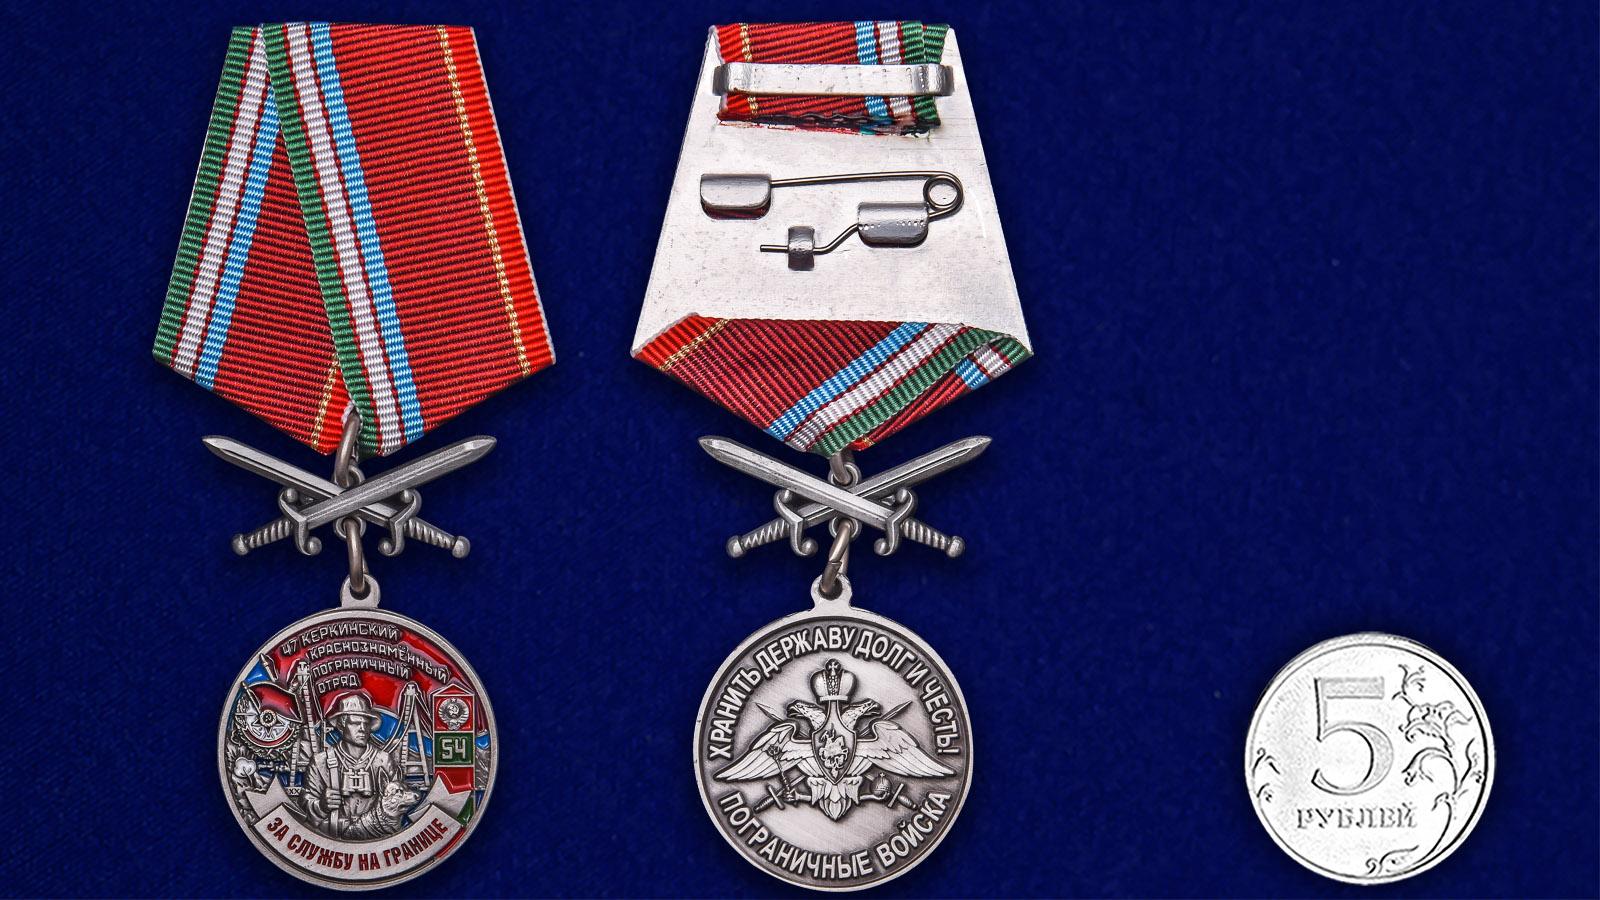 Памятная медаль За службу в Керкинском пограничном отряде - сравнительный вид